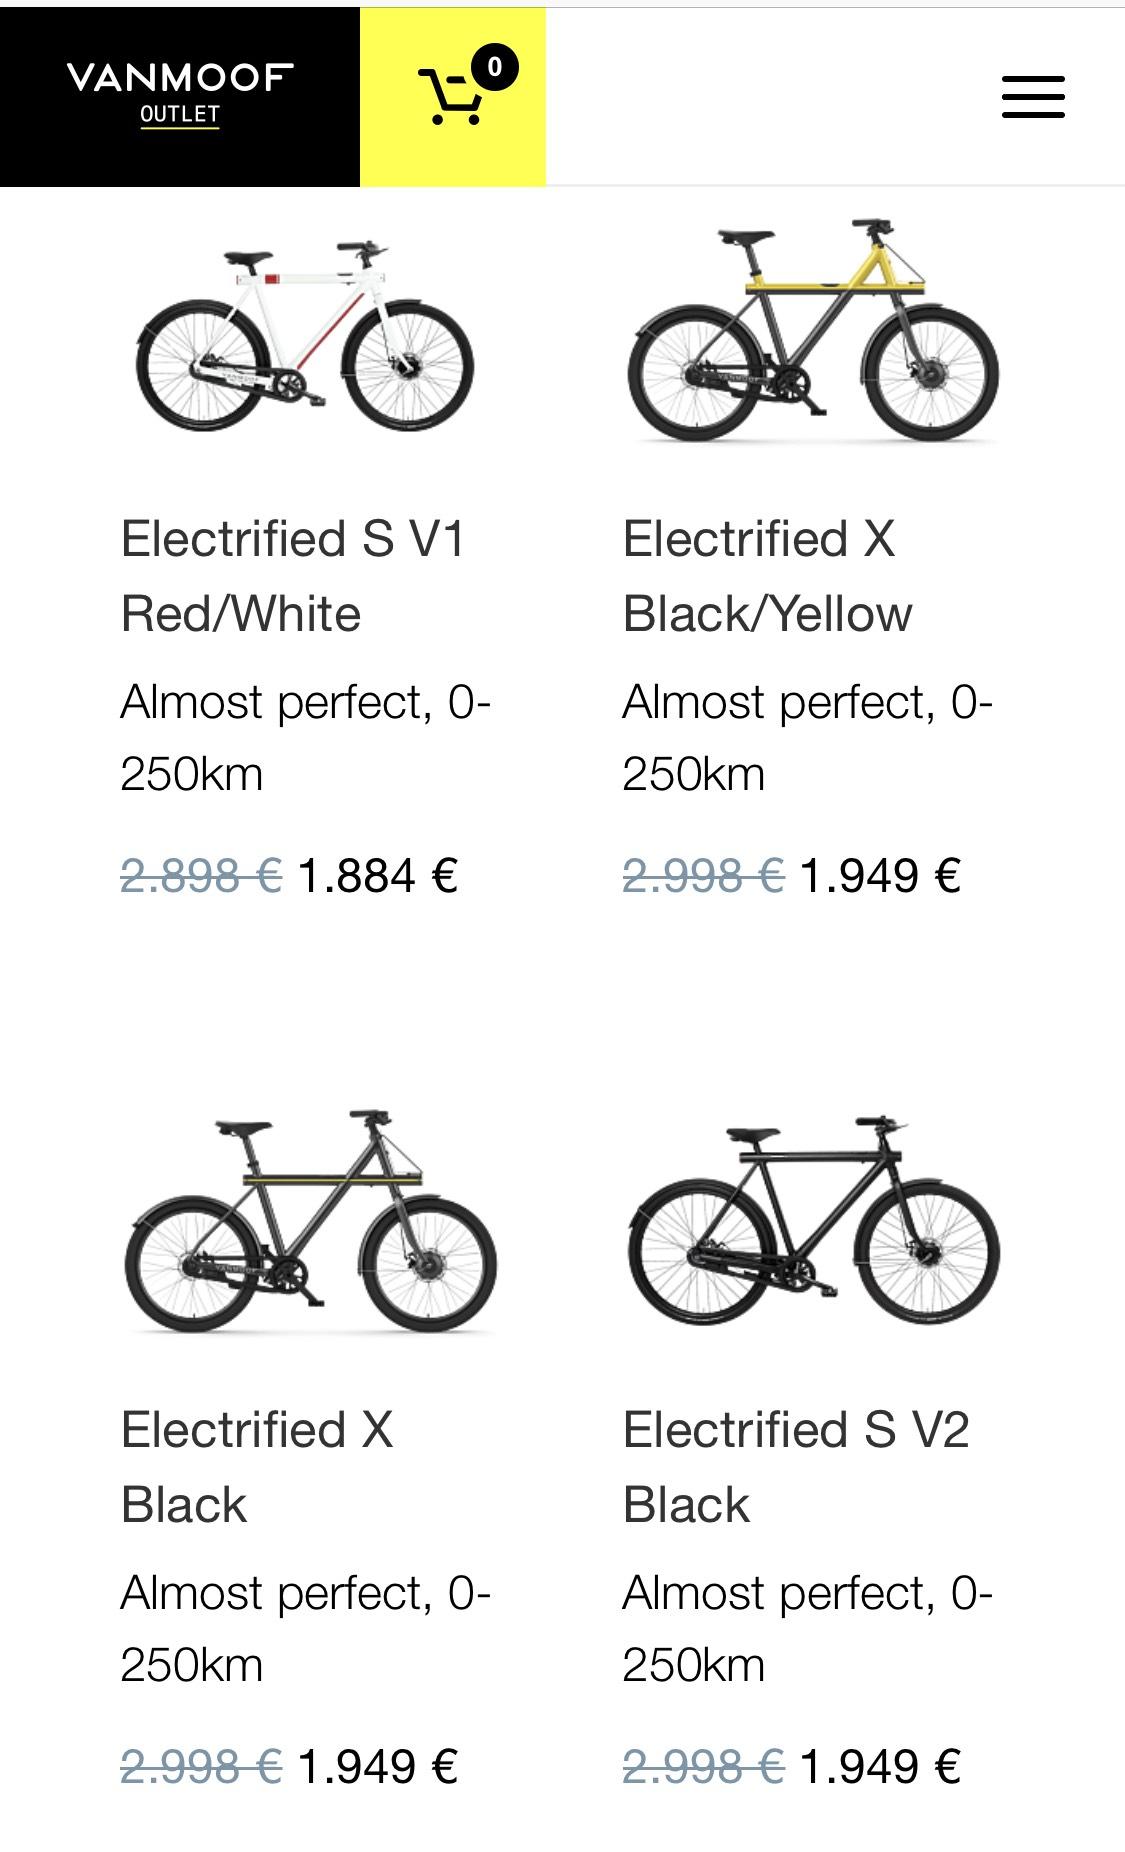 VanMoof Outlet 10 - 35% Rabatt (gebrauchte/retournierte Bikes)